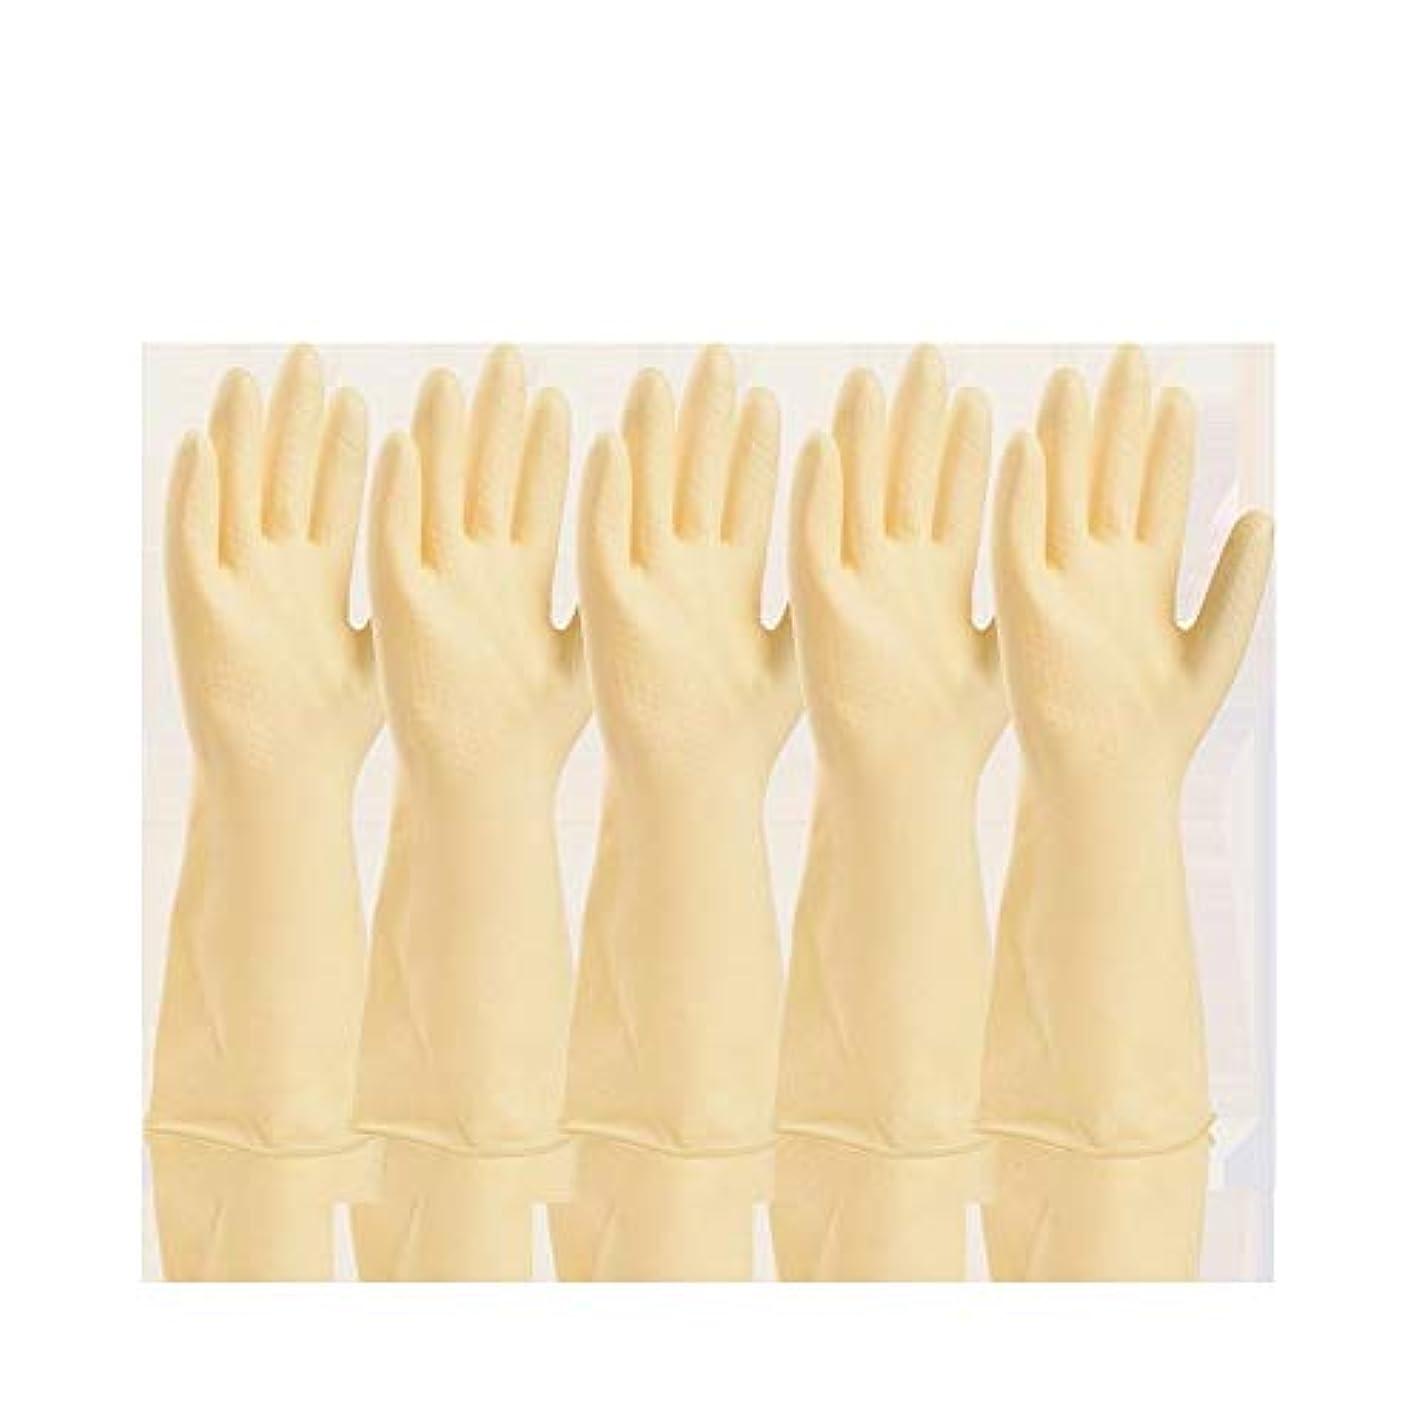 熟読する正義オゾンBTXXYJP 手袋 キッチン用手袋 耐摩耗 食器洗い 作業 炊事 食器洗い 掃除 園芸 洗車 防水 防油 手袋 (Color : White, Size : S)